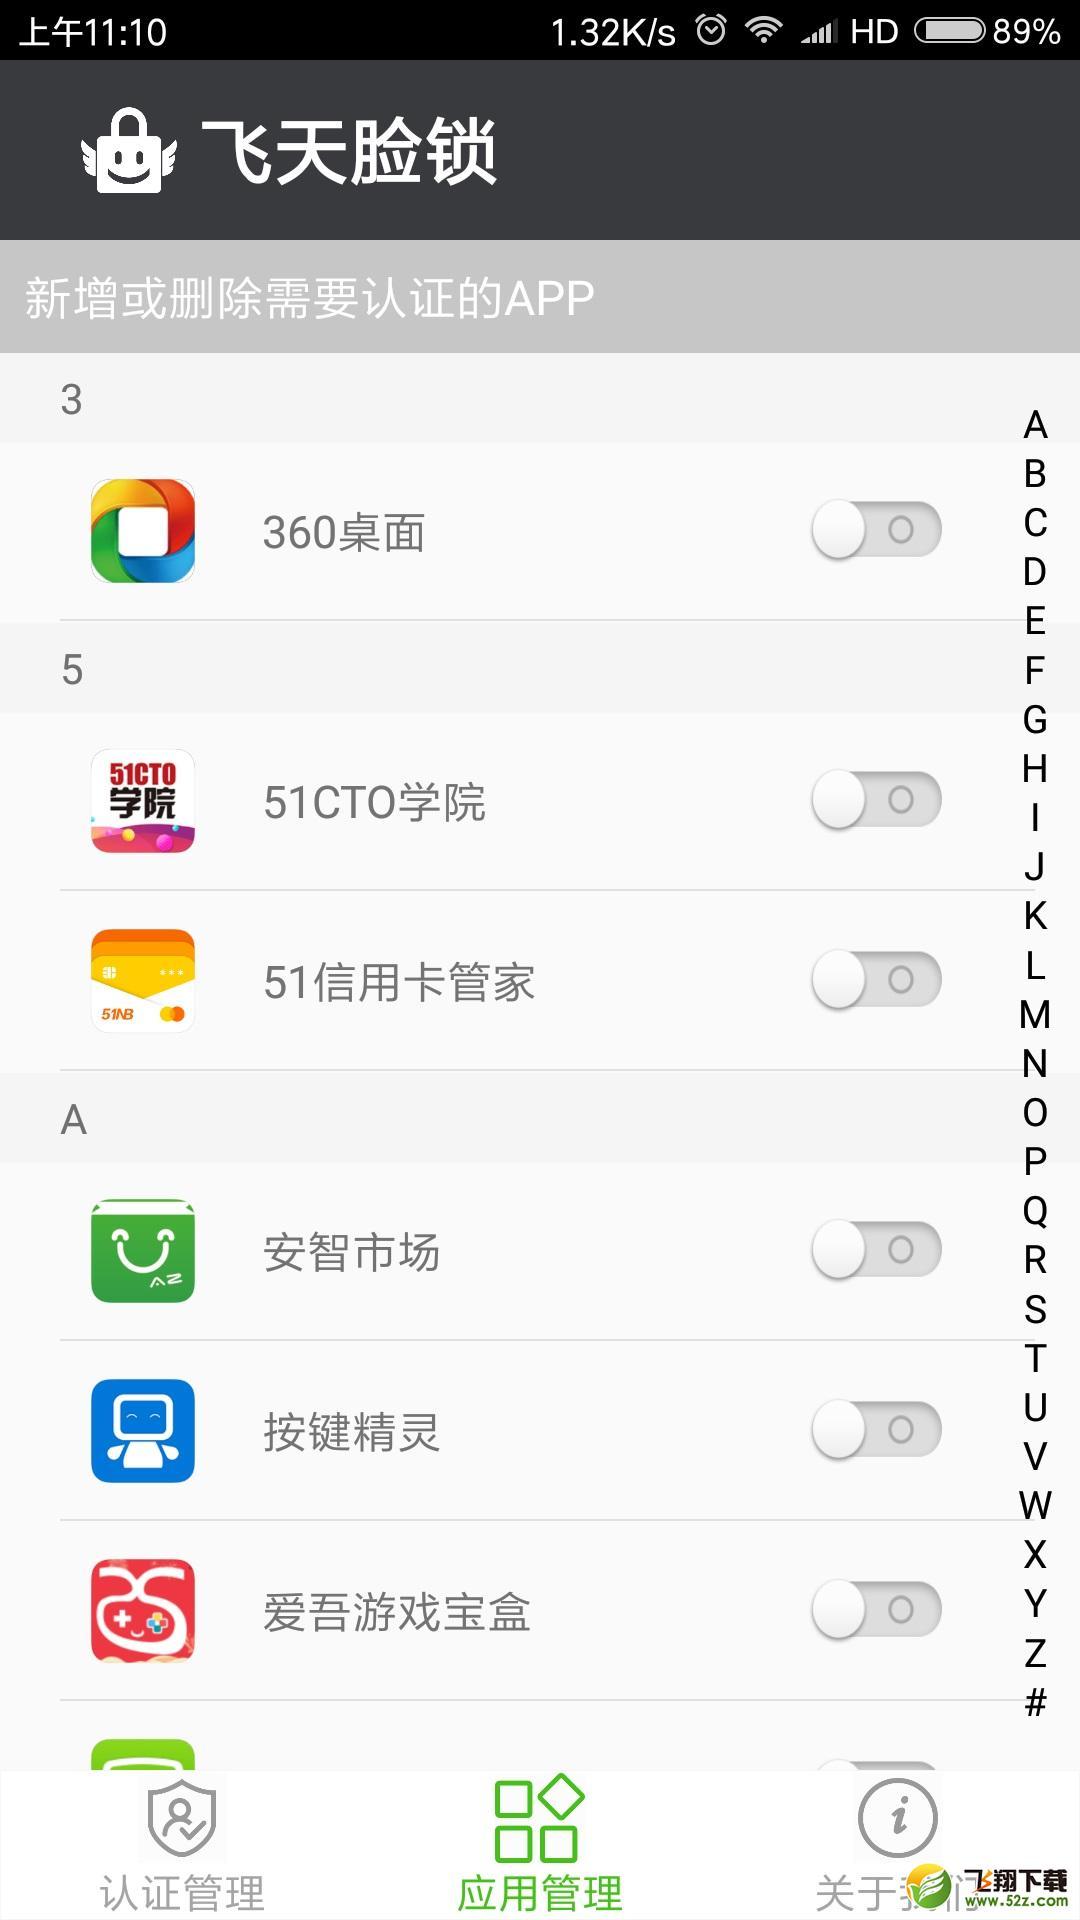 飞天脸锁V1.0 安卓版_52z.com